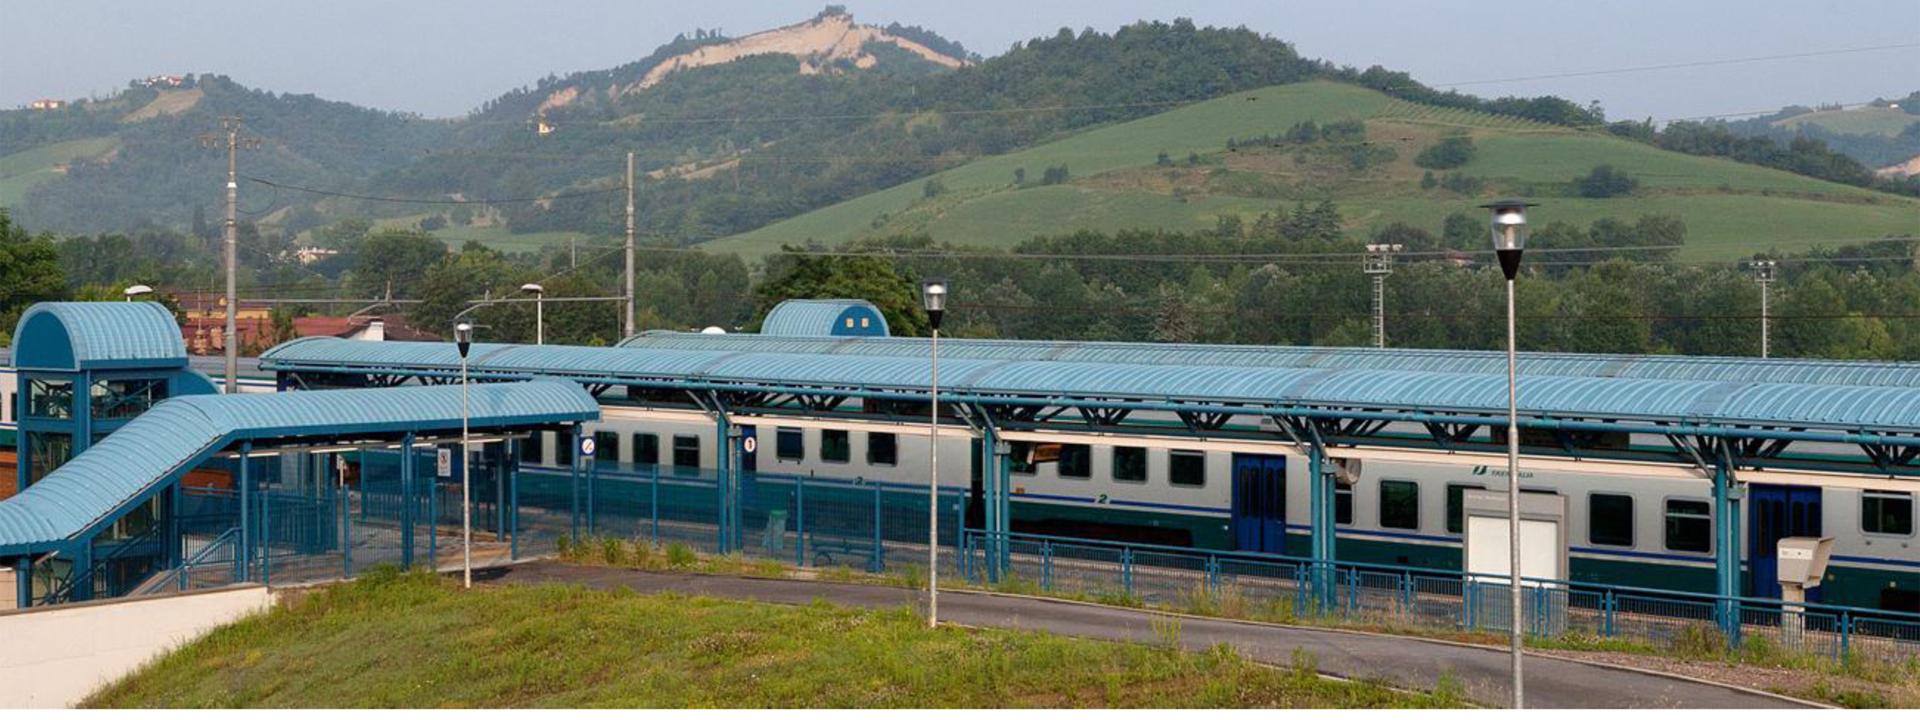 Foto: Servizio Ferroviario Metropolitano